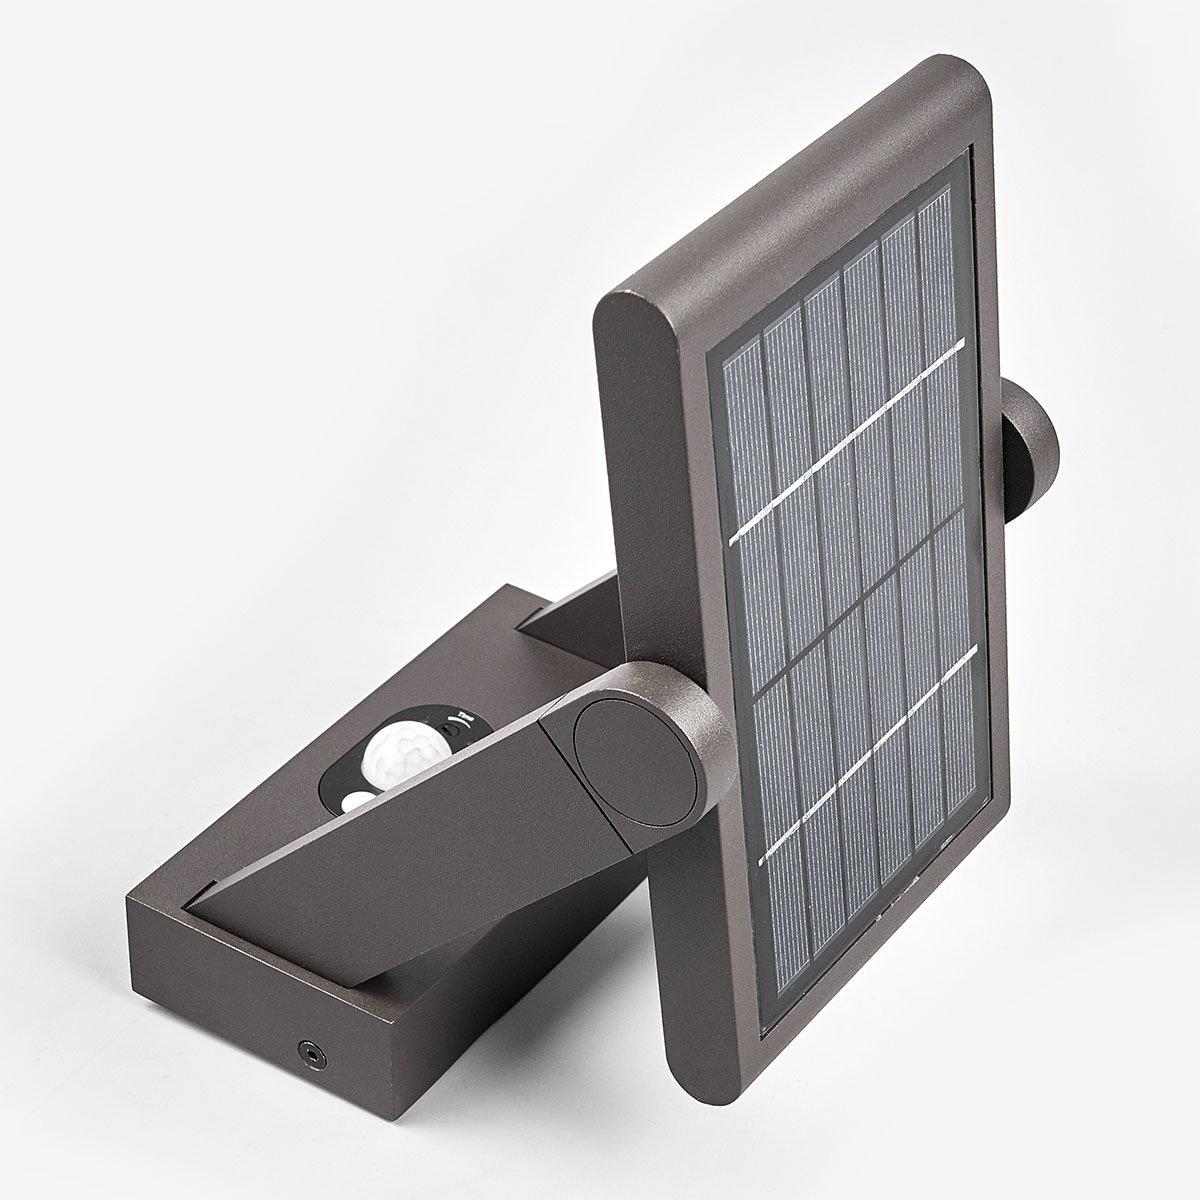 Solar-LED-Außenwandleuchte Valerian mit Bewegungsmelder, 16x23,3x15,2 cm, Aluminium, grau | #10